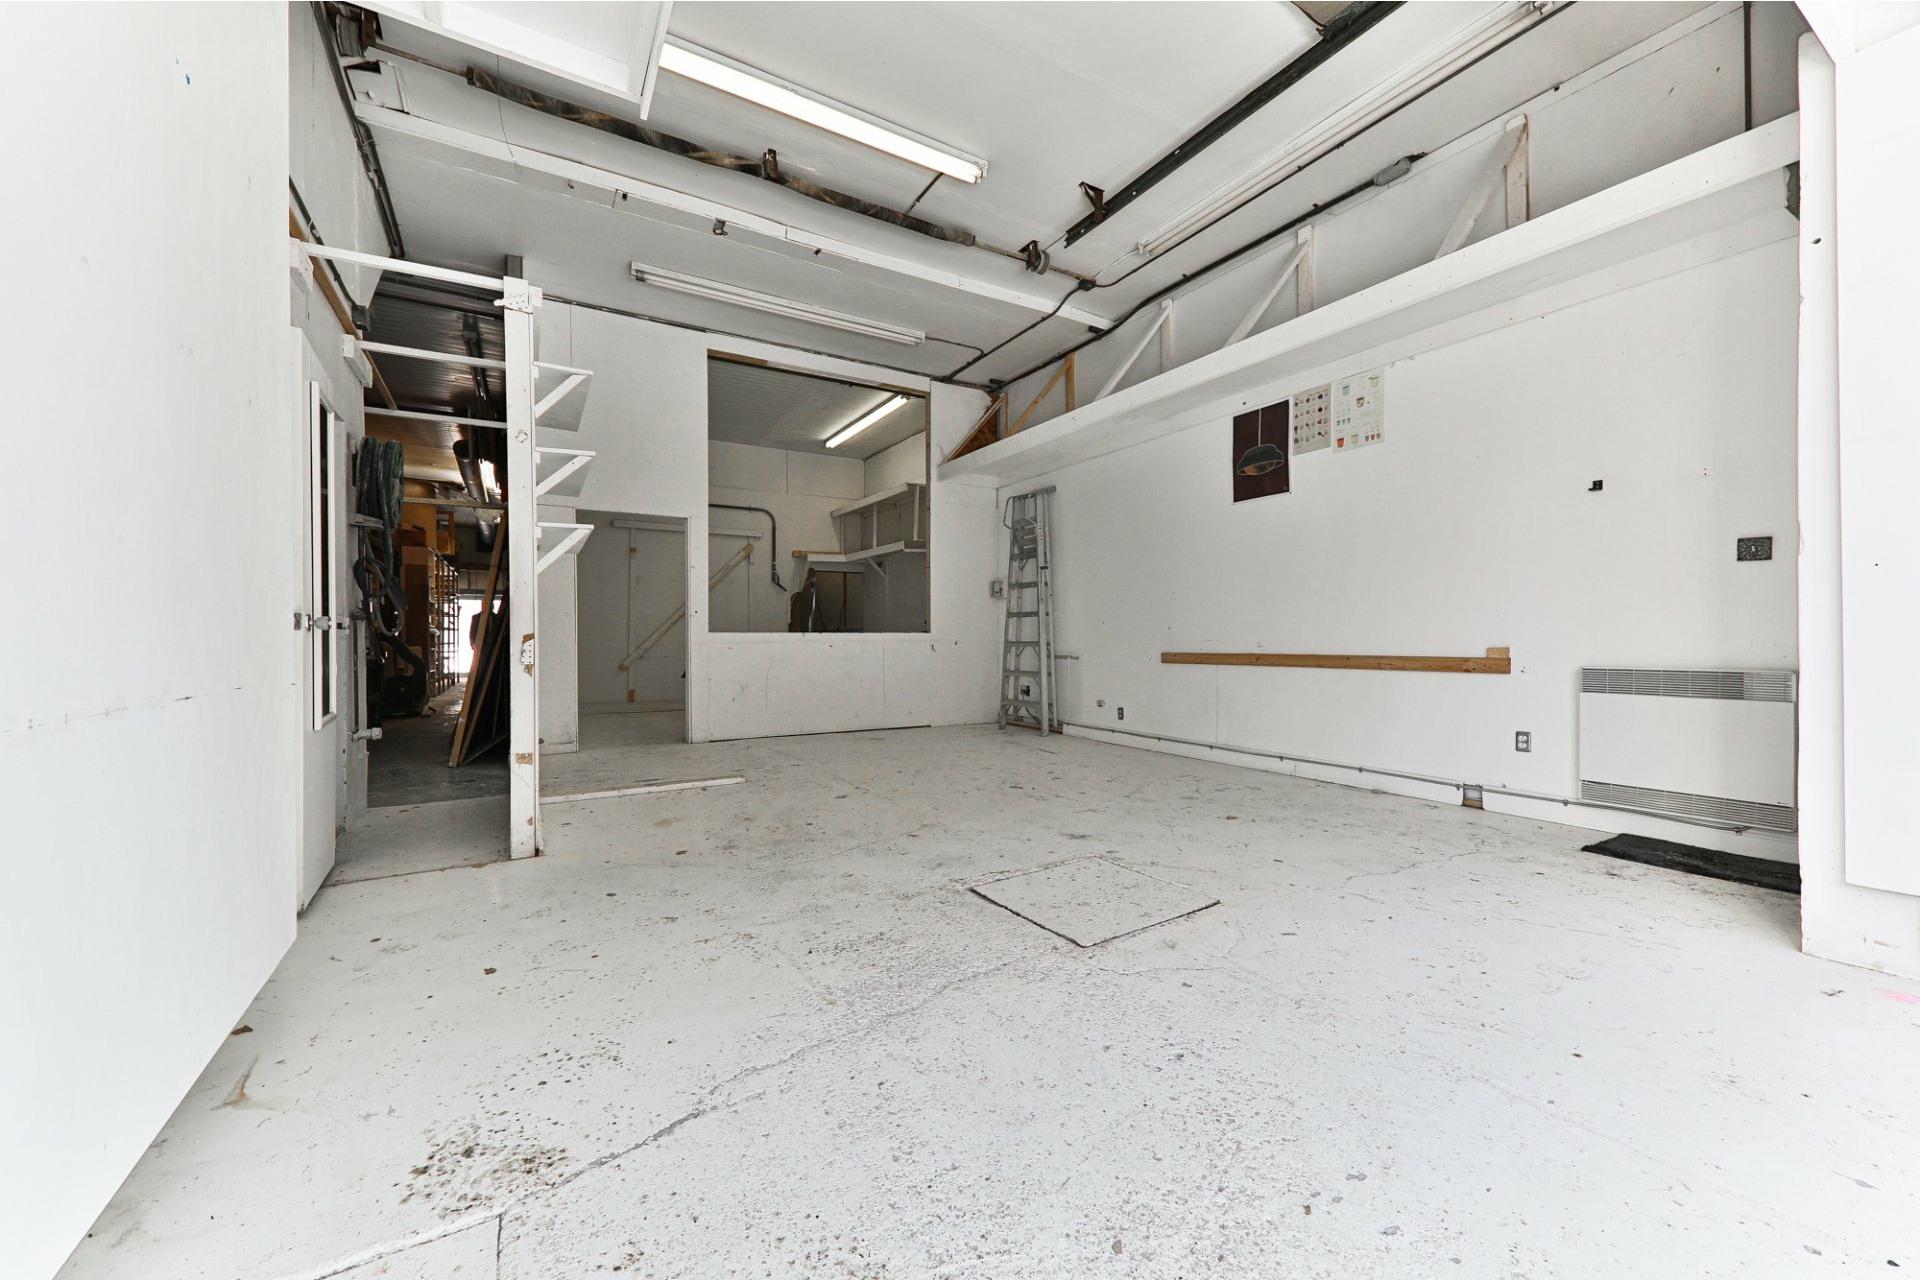 image 5 - Duplex À vendre Rosemont/La Petite-Patrie Montréal